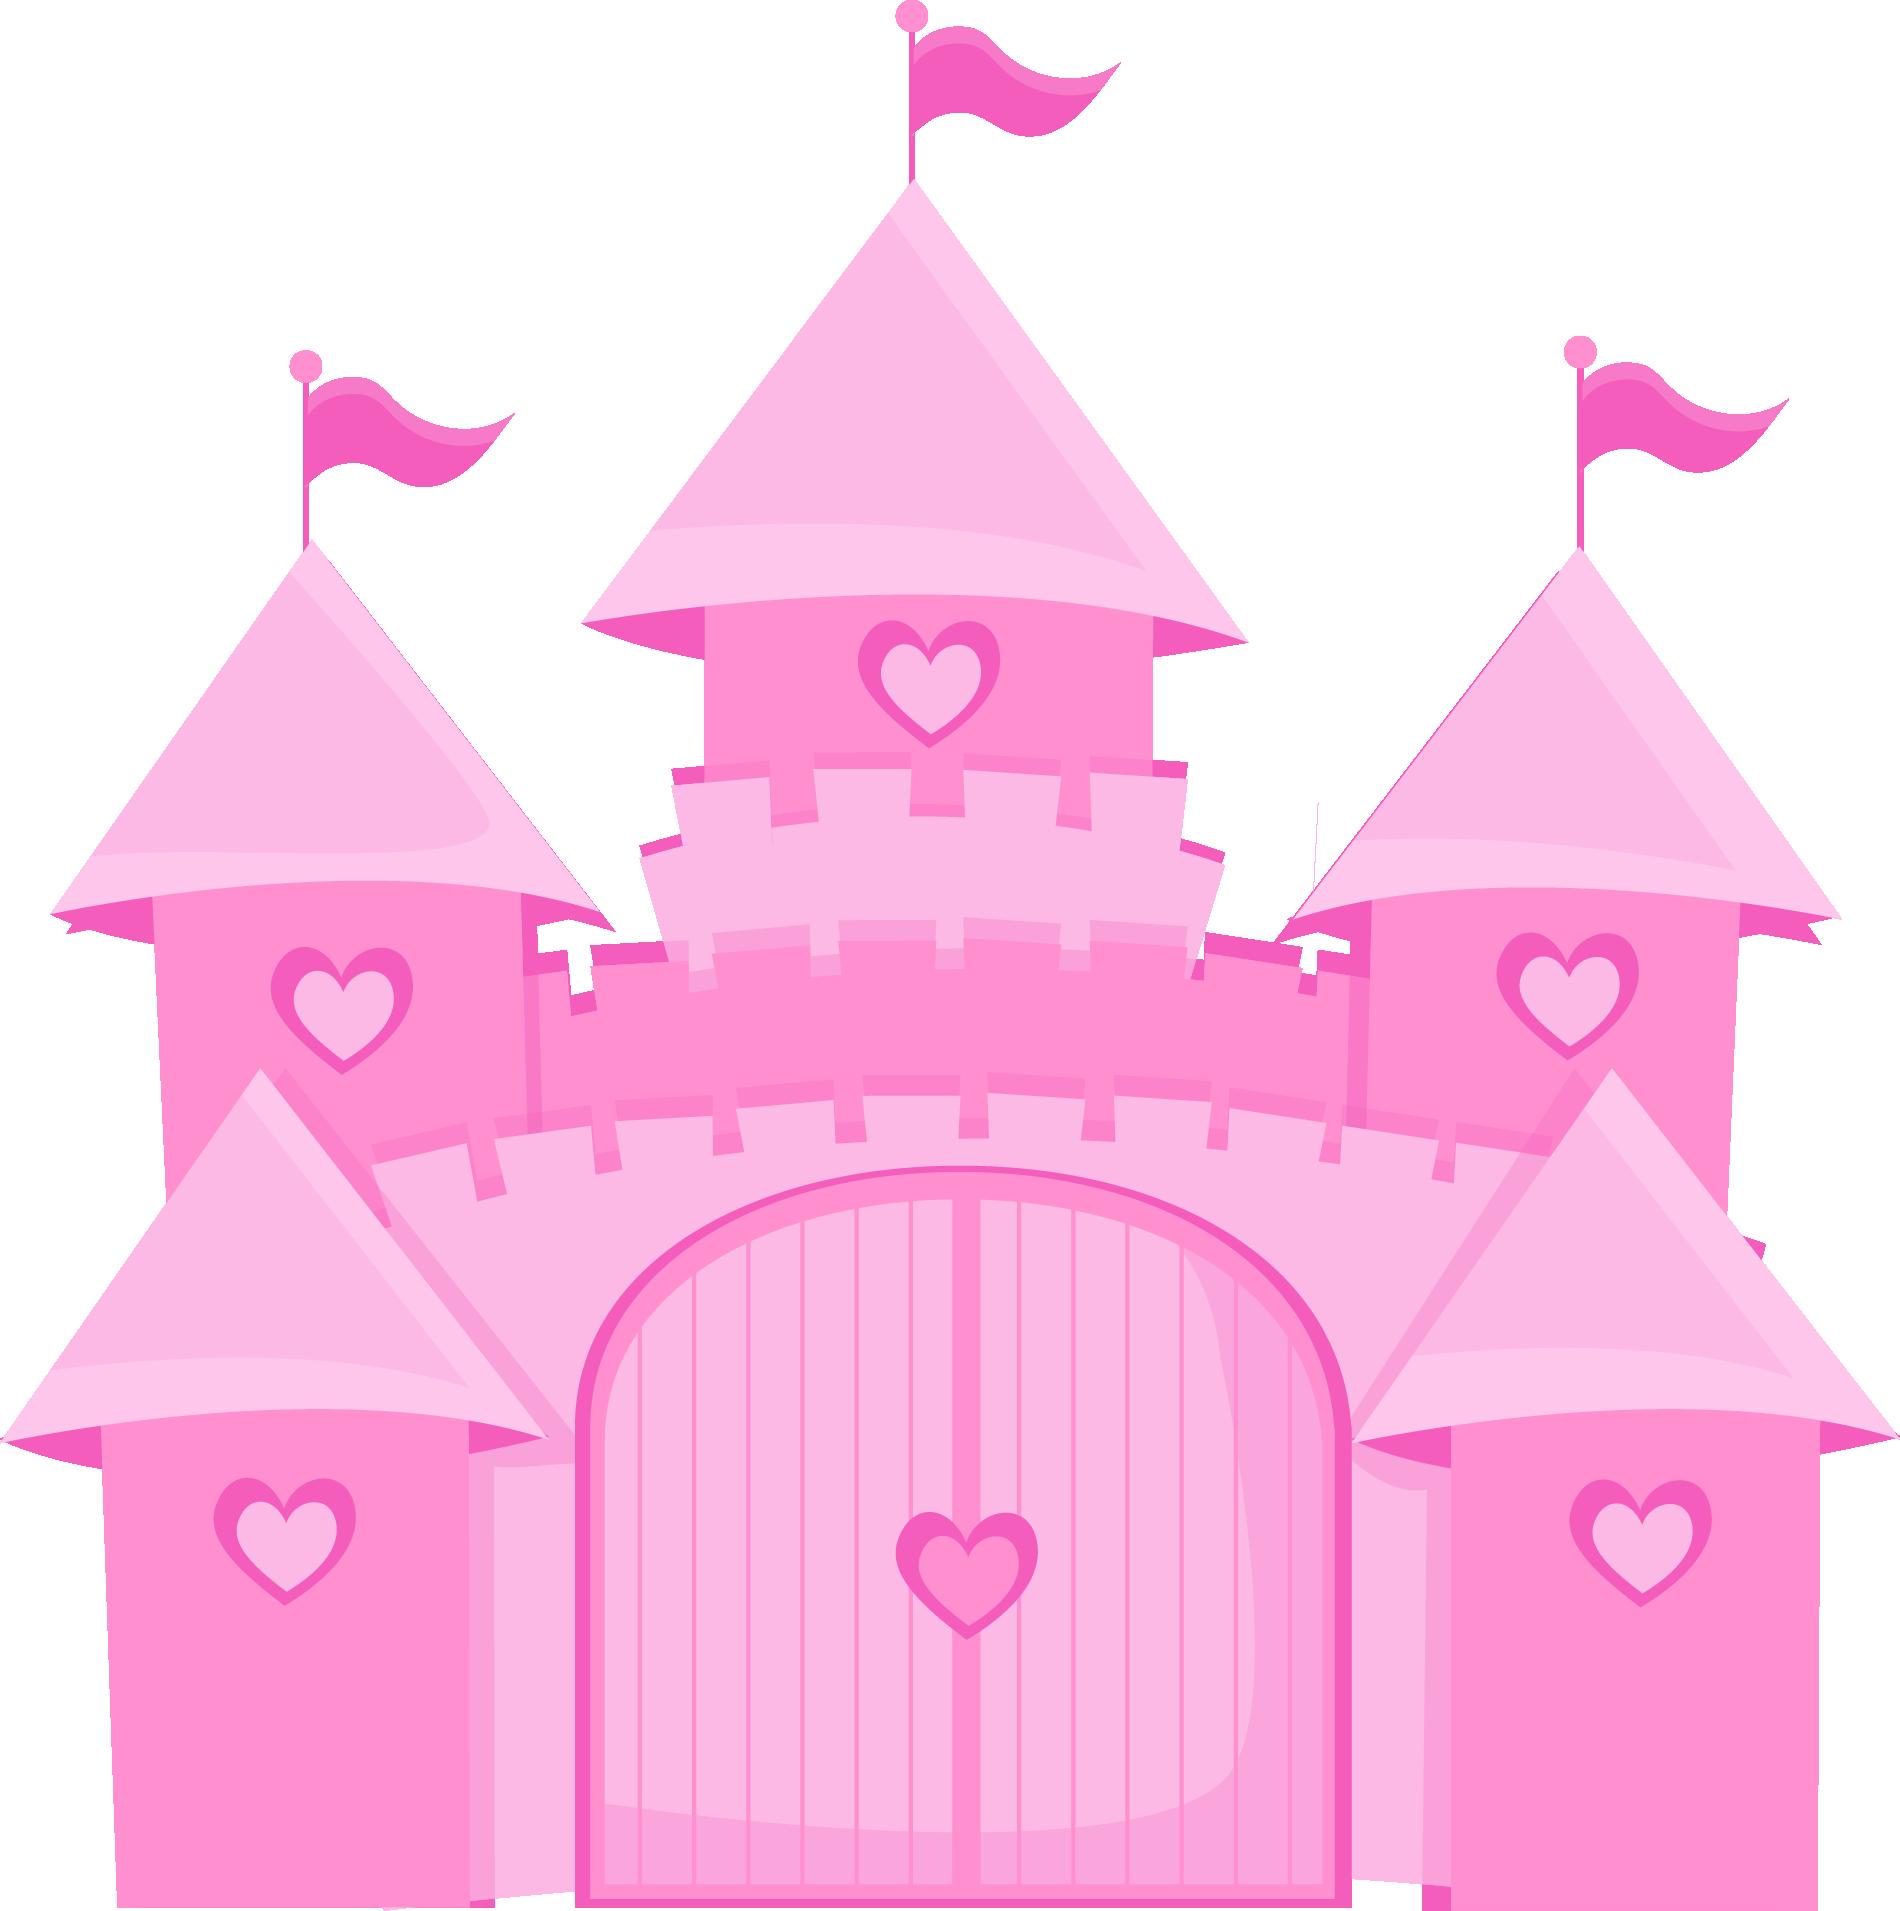 Free princess grey crown clipart svg download iKvVsedQHyBu0.png (1900×1911) | Svgs | Pinterest | Princess, Clip ... svg download